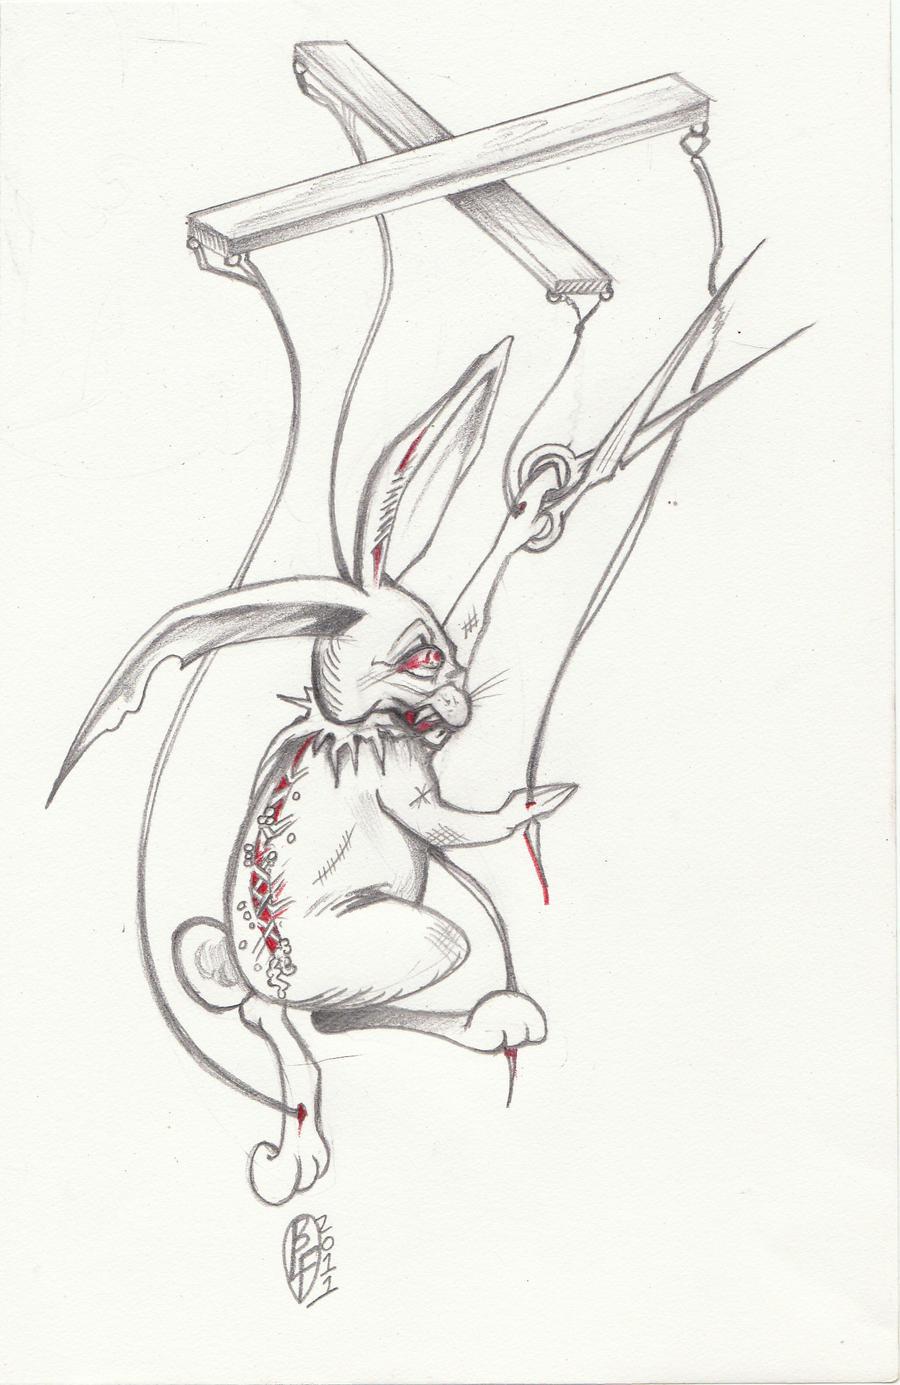 evil bunny puppet by d angeline on deviantart. Black Bedroom Furniture Sets. Home Design Ideas